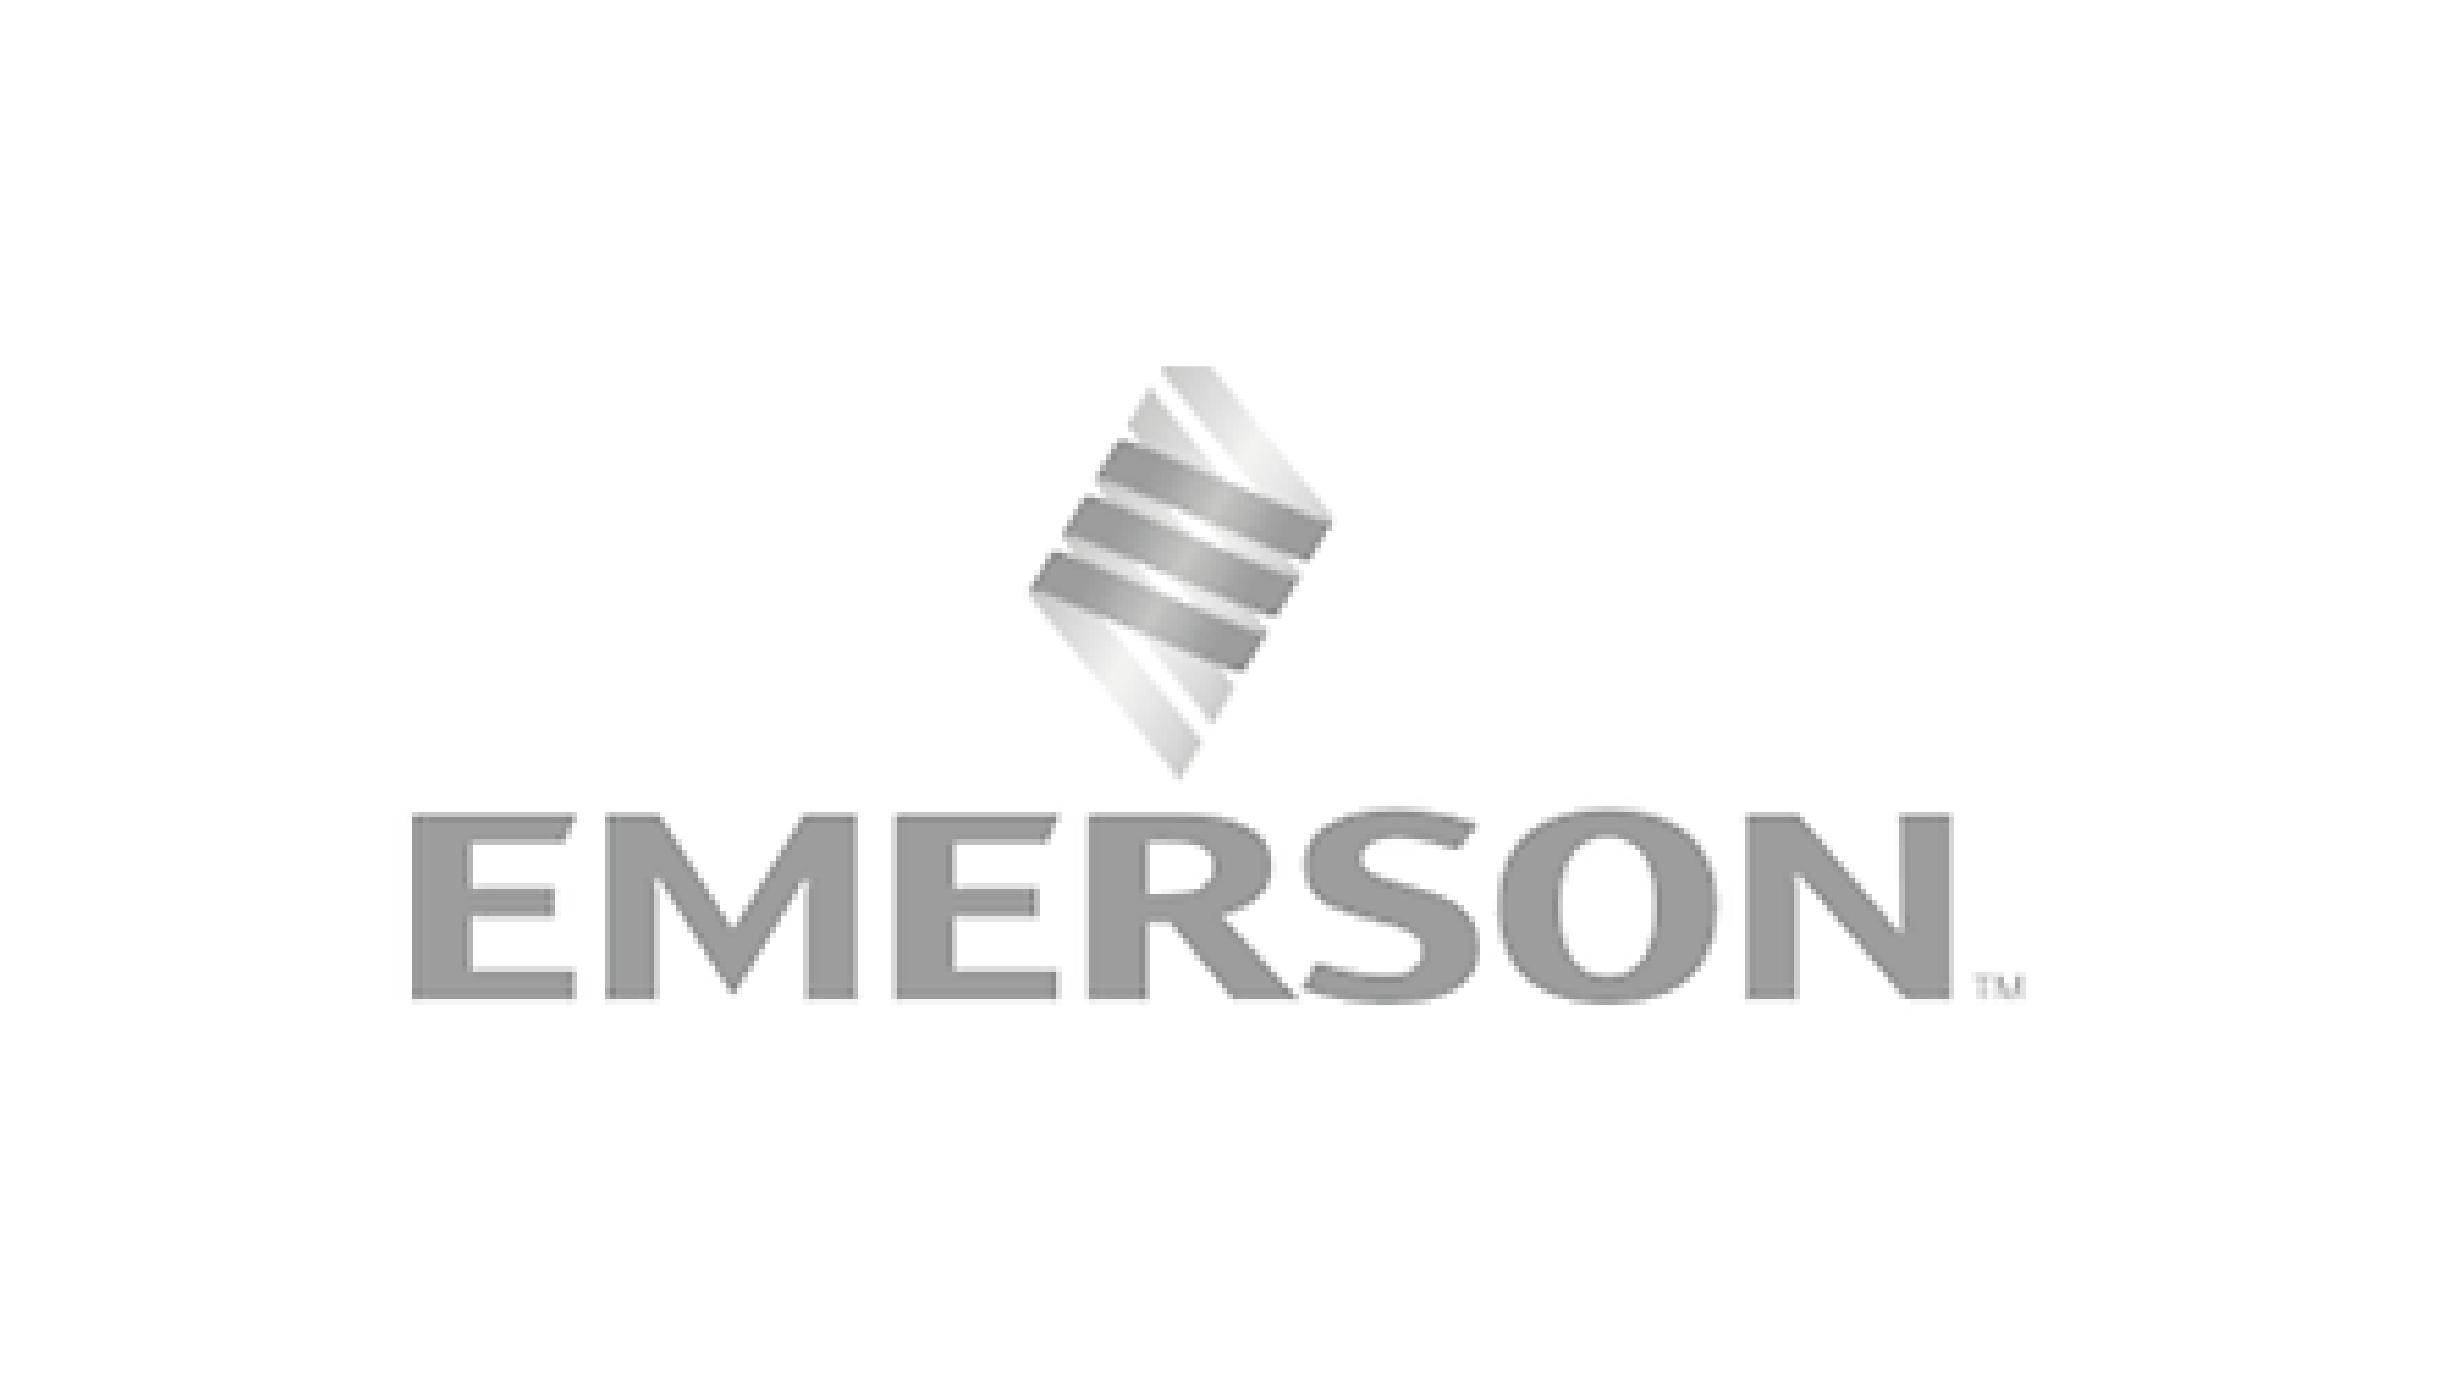 EMERSON-2